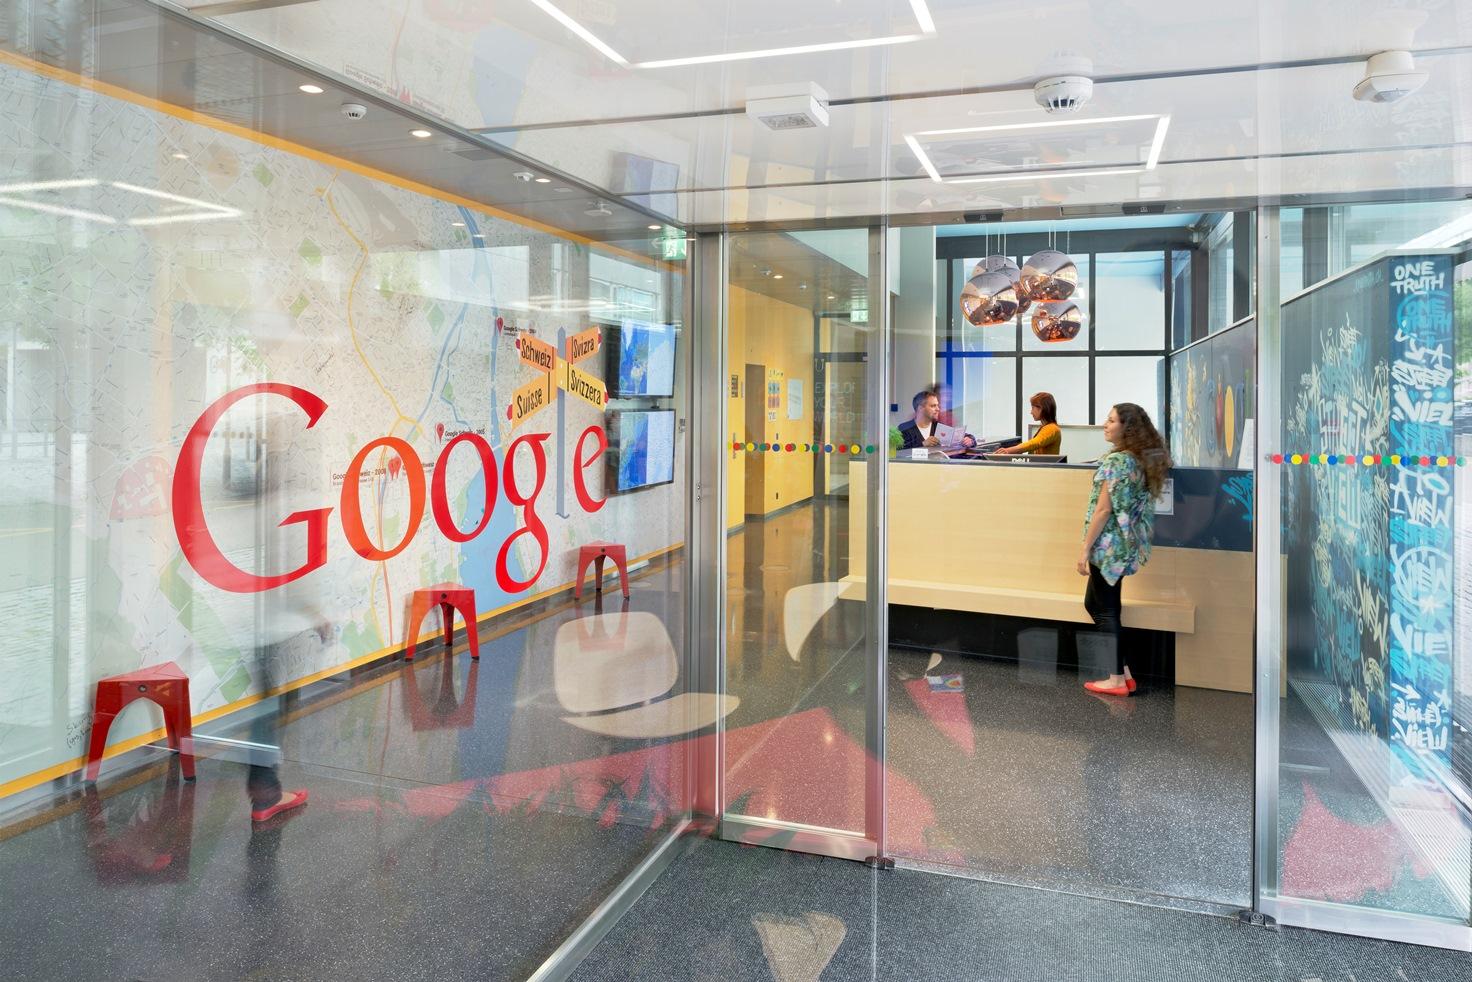 Bewerbung bei Google? Tipps vom ehemaligen Google HR-Chef